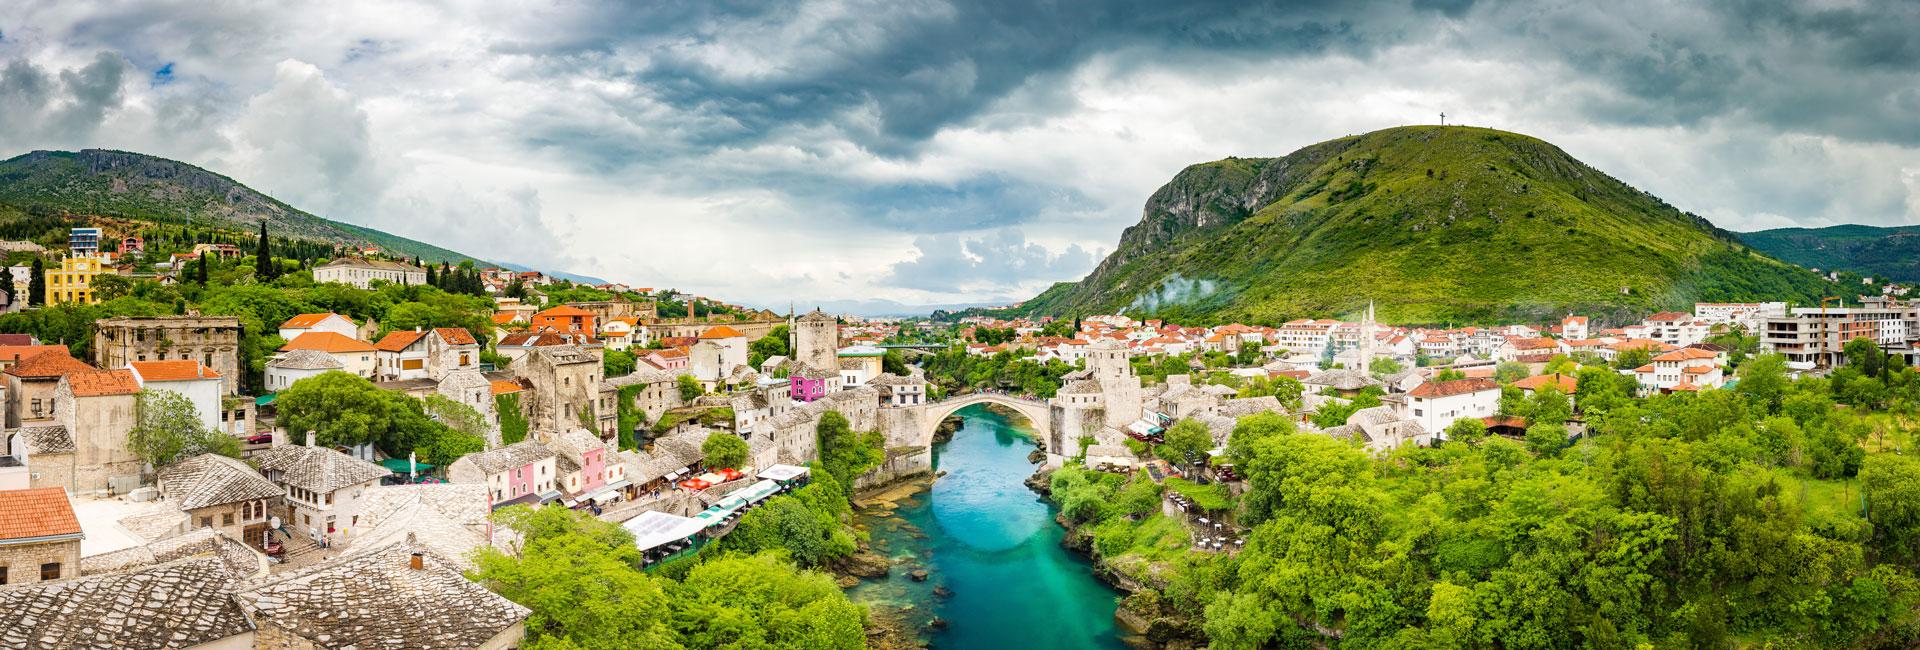 Ansicht Bosnien